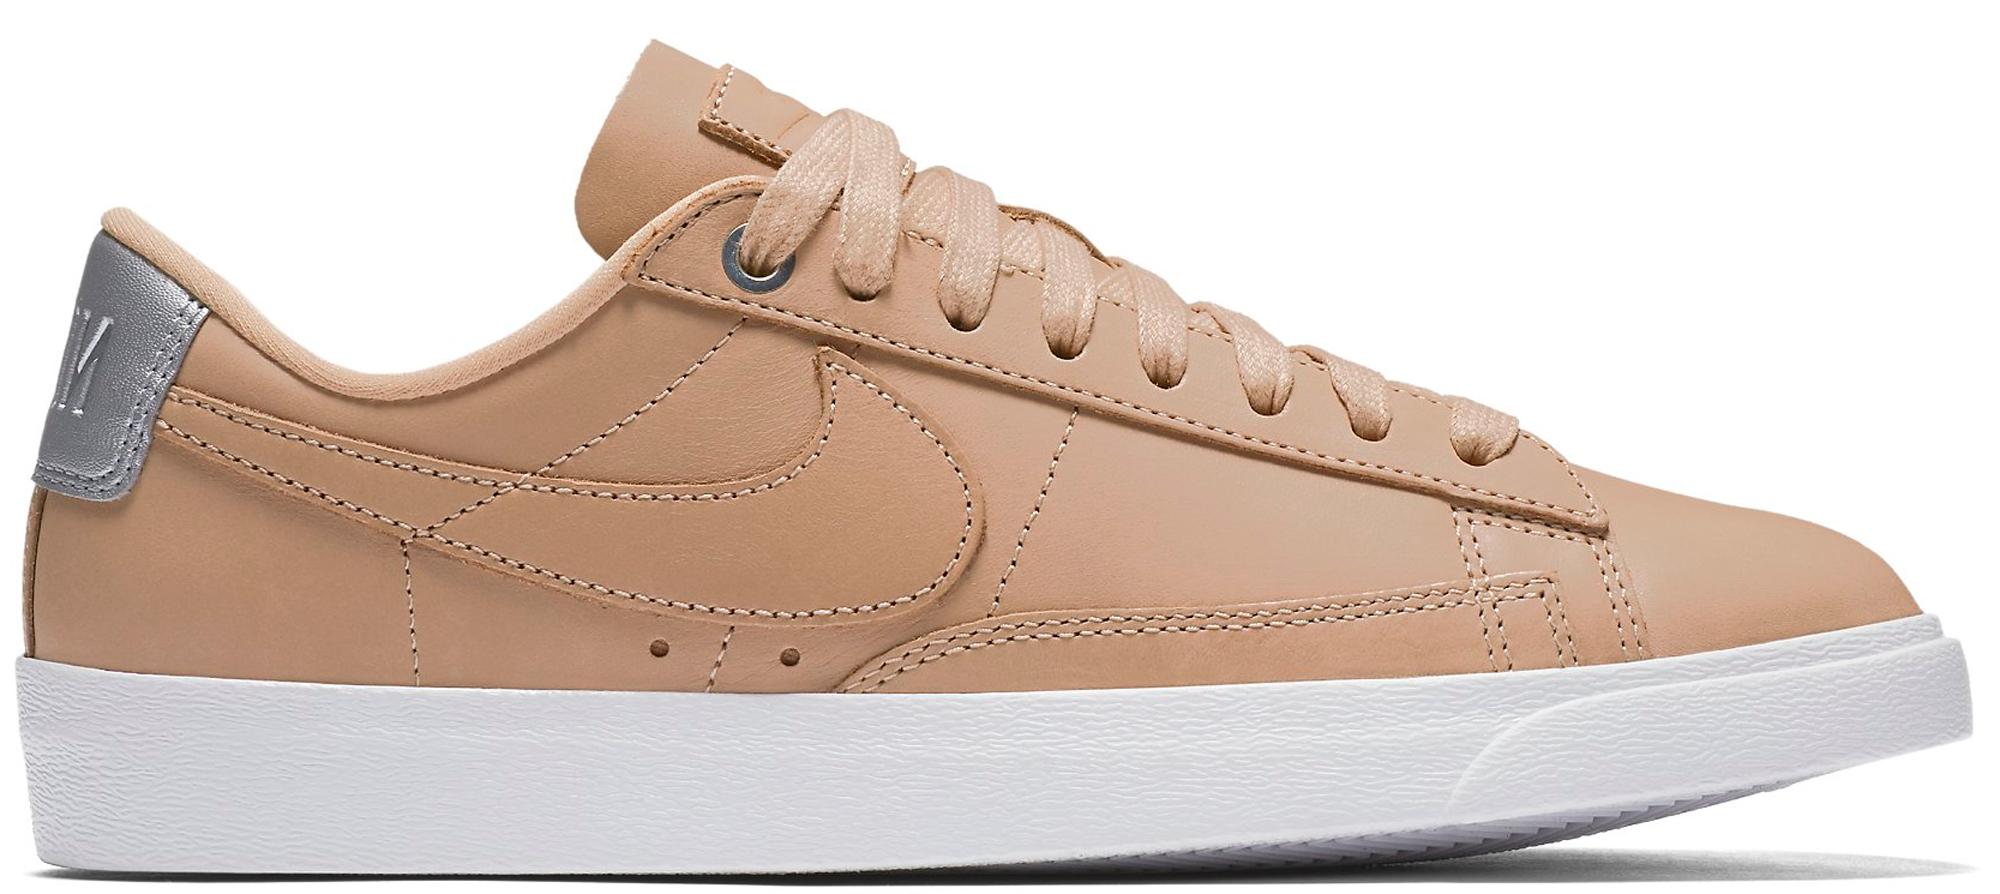 Nike Blazer Low Vachetta Tan (W